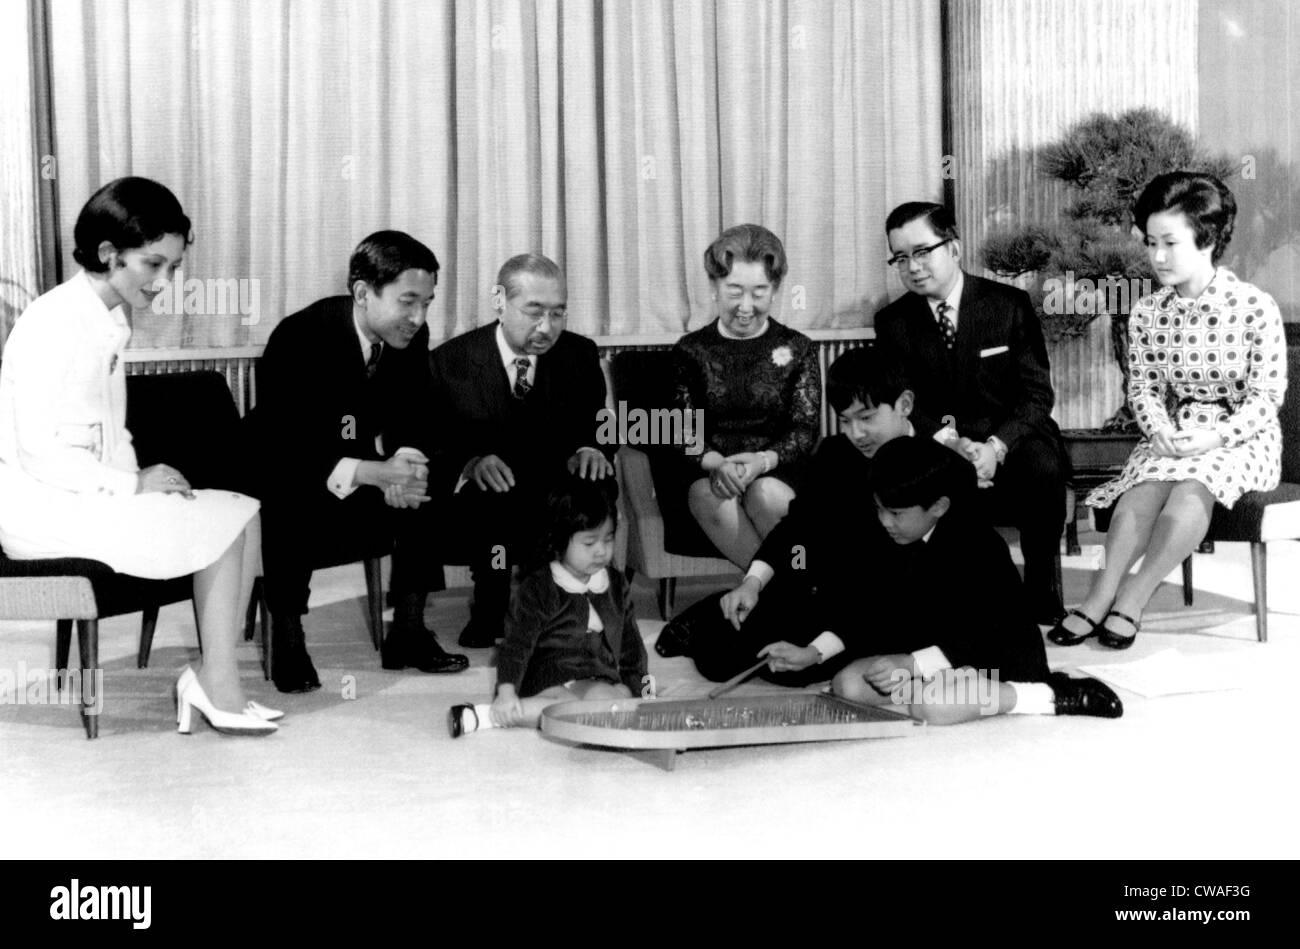 Crown Princess Michiko, Crown Price Akihito, Emperor Hirohito, Empress Nagako, Prince Hitachi and Princess Hitachi - Stock Image